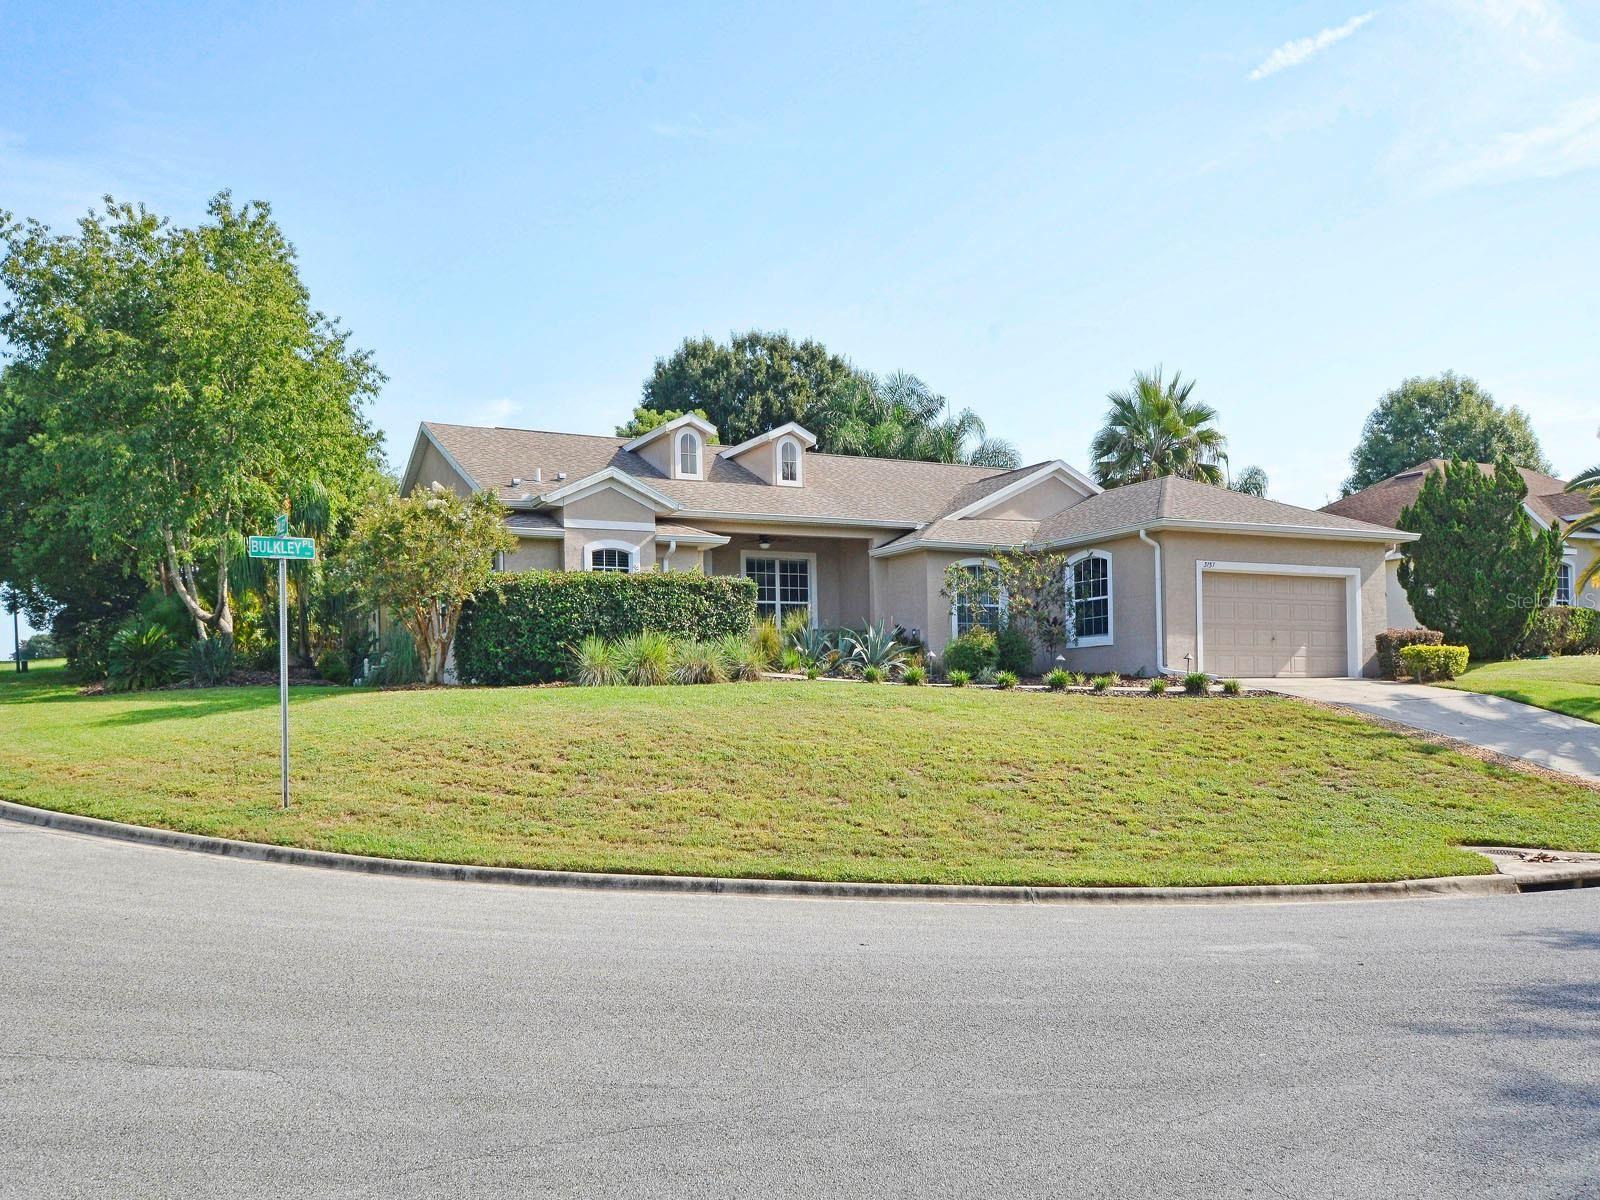 3151 BULKLEY PLACE, Eustis, FL 32726 - #: G5046263